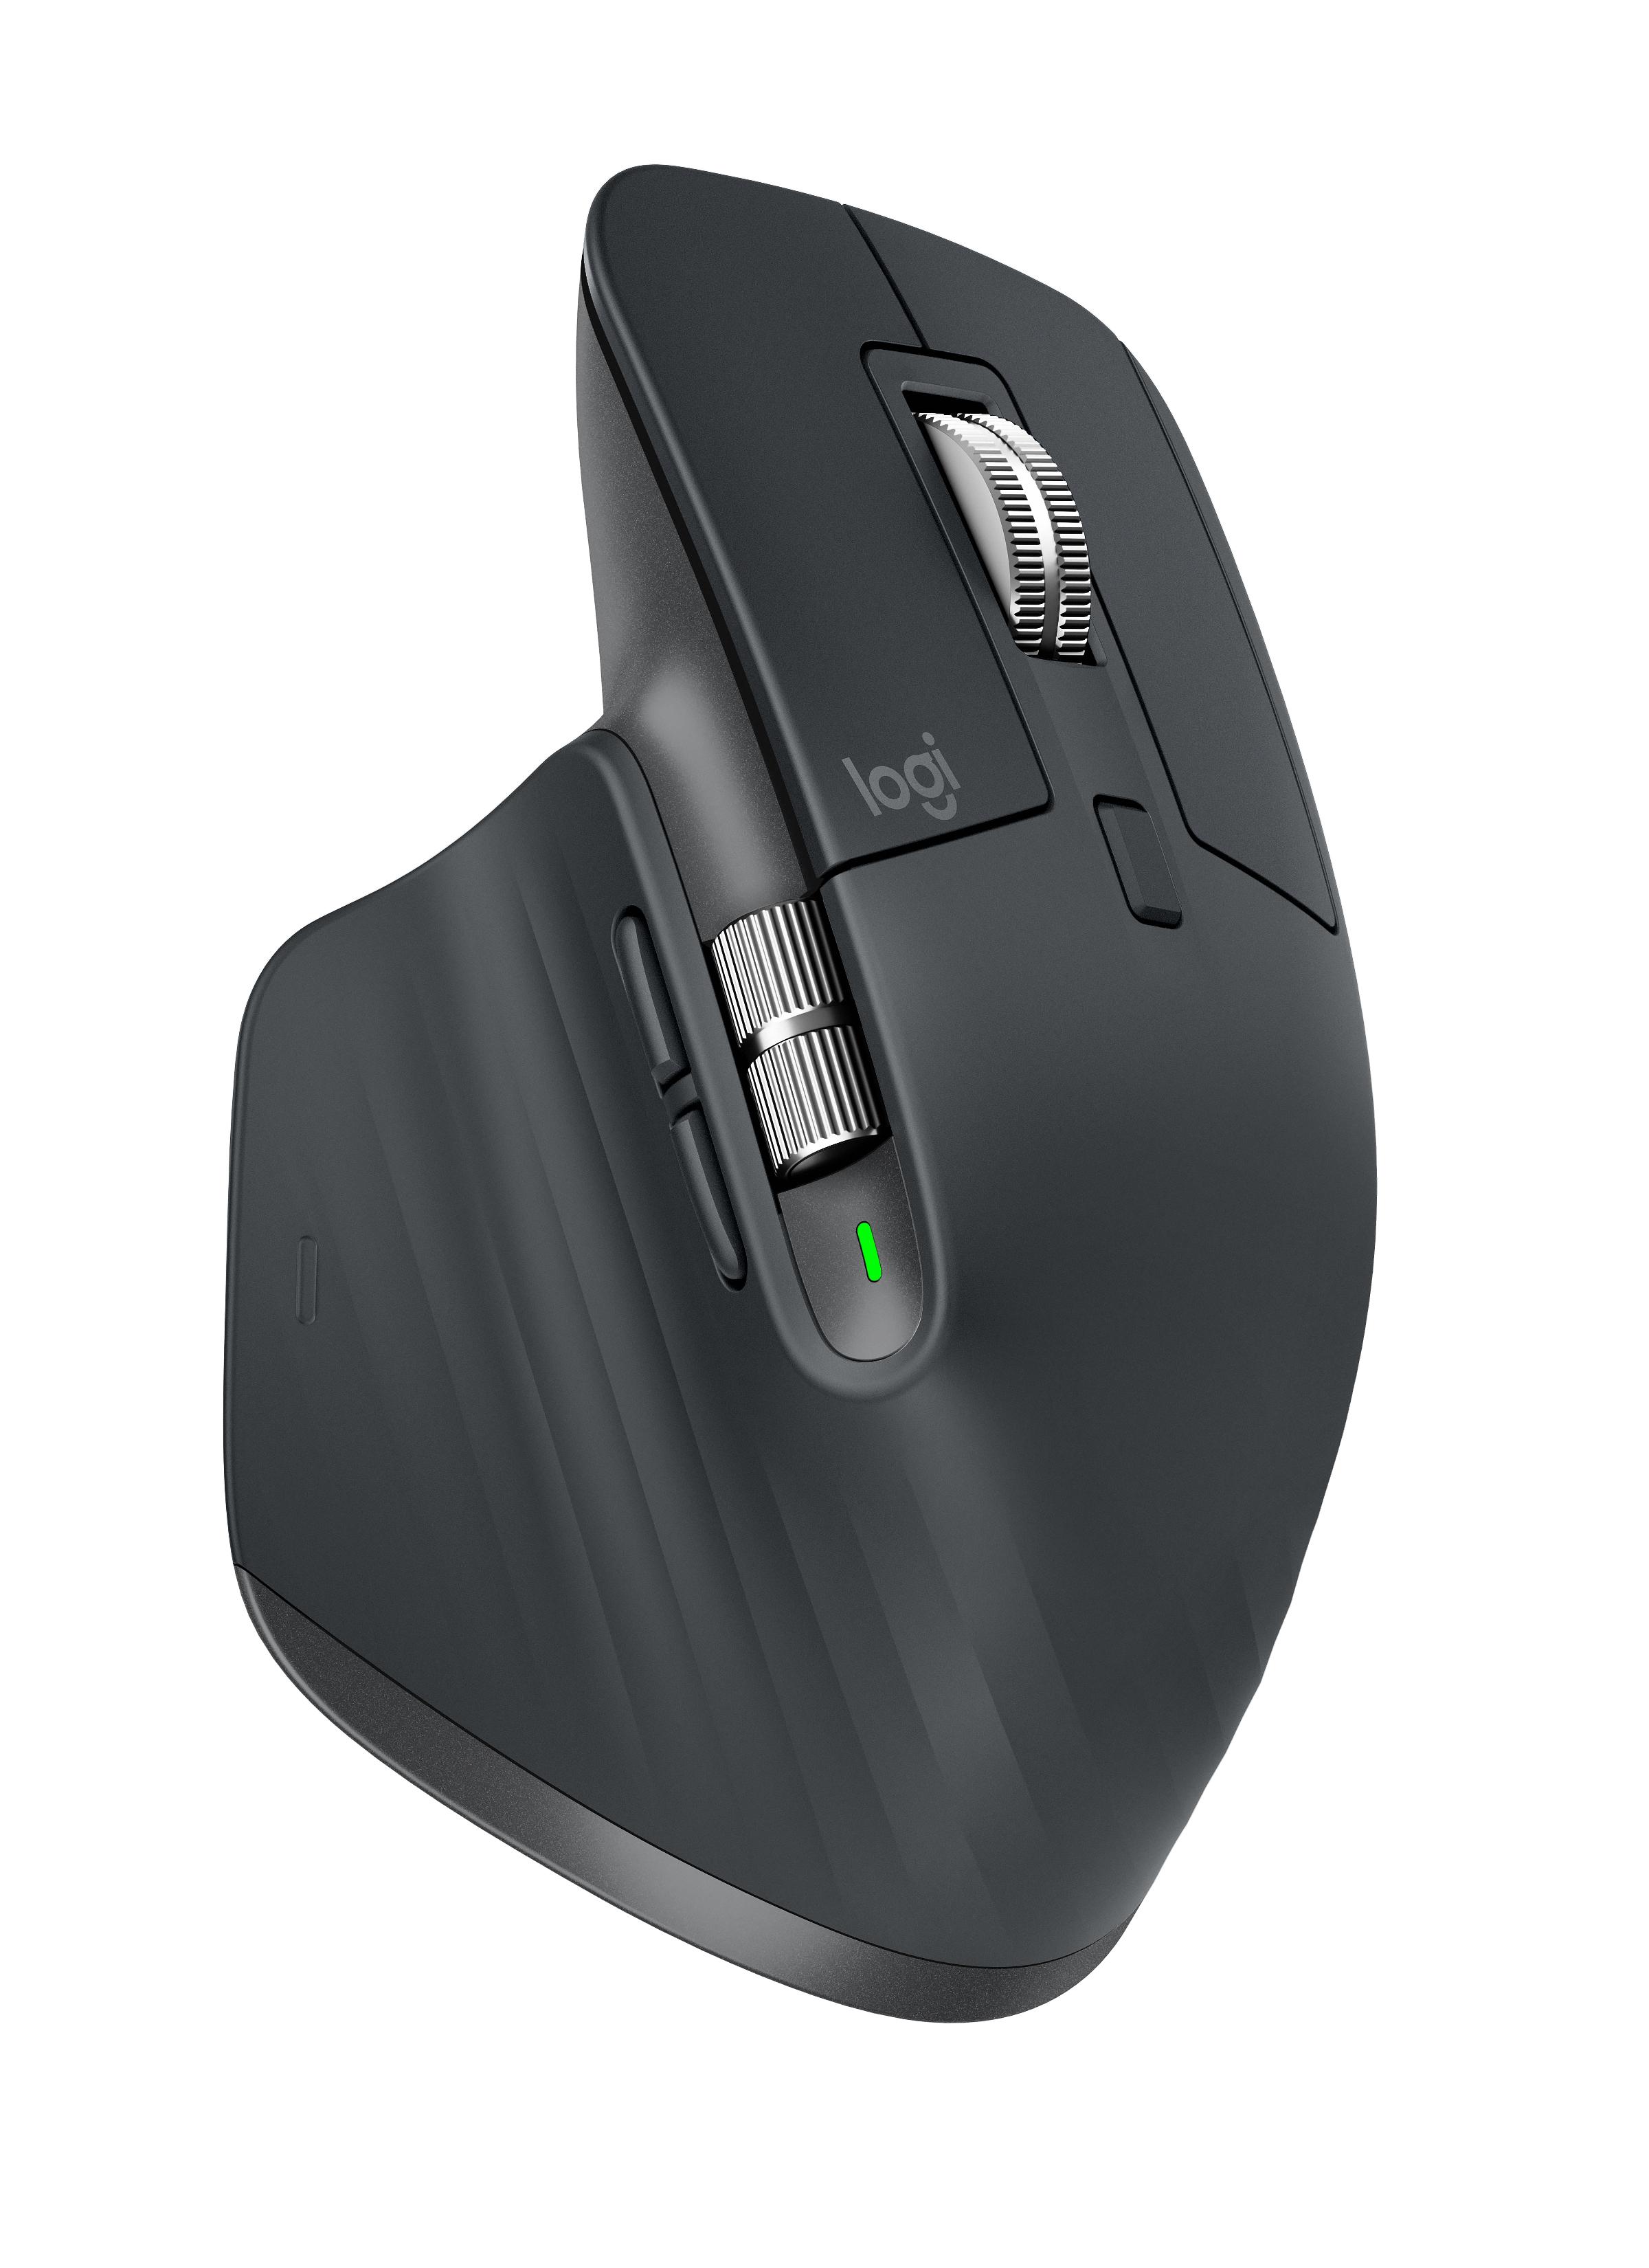 Logitech annuncia a IFA 2019 il mouse MX Master 3 e la tastiera MX Keys